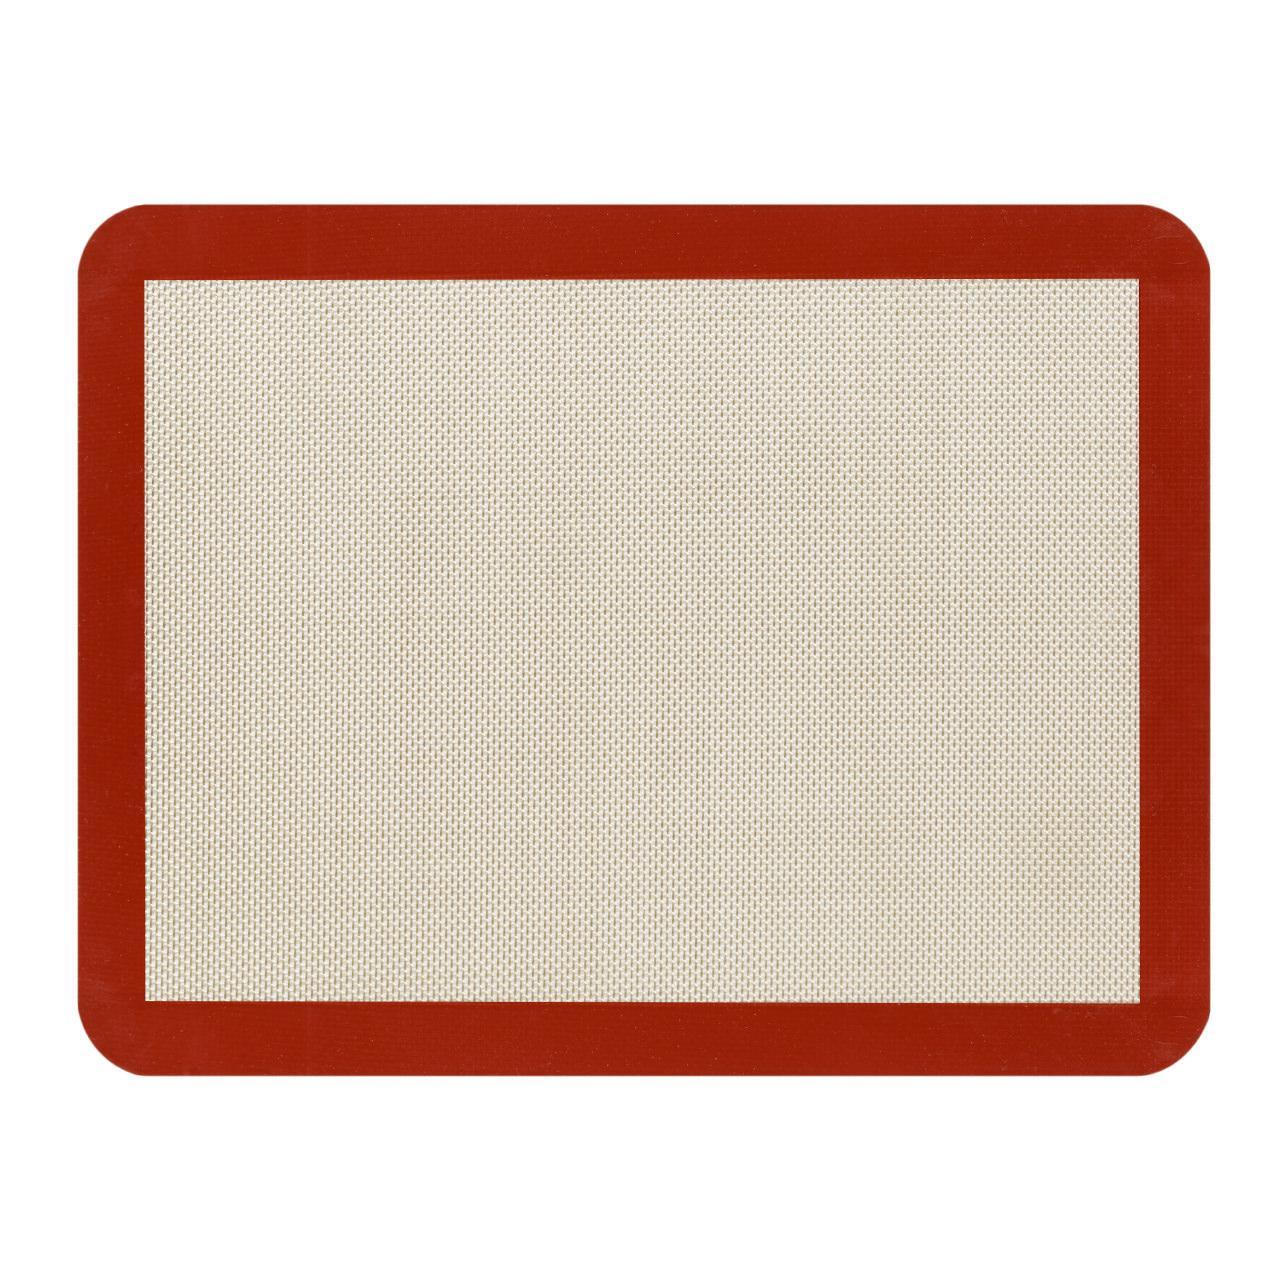 Силиконовый коврик 38.5х58.5 см для выпечки